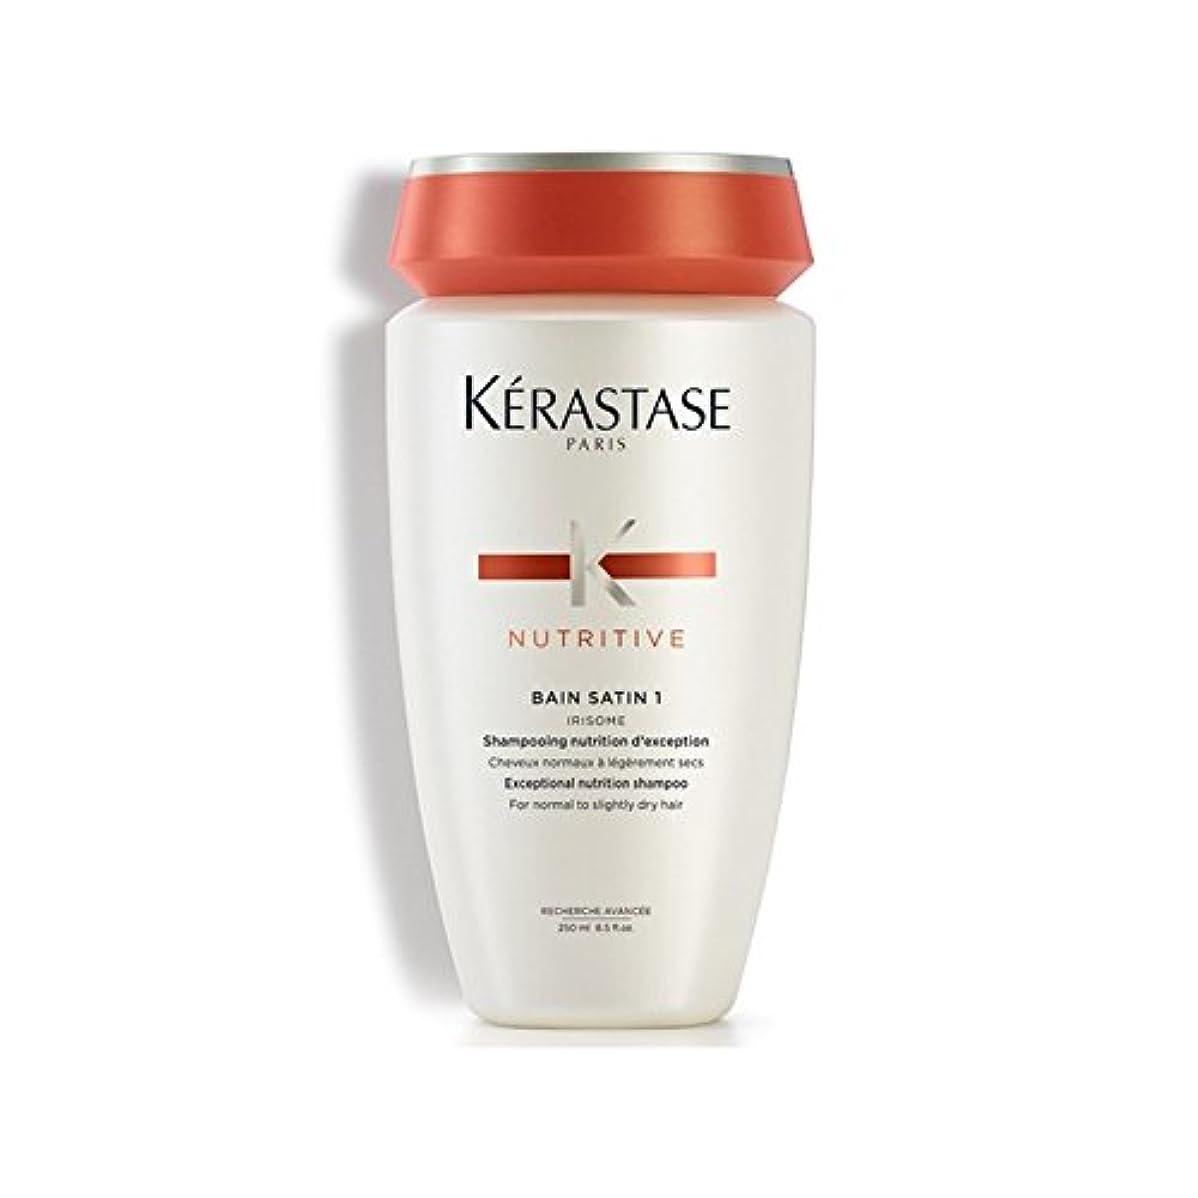 漏れ祭司全部K?rastase Nutritive Bain Satin 1 250ml - ケラスターゼ栄養ベインサテン1つの250ミリリットル [並行輸入品]